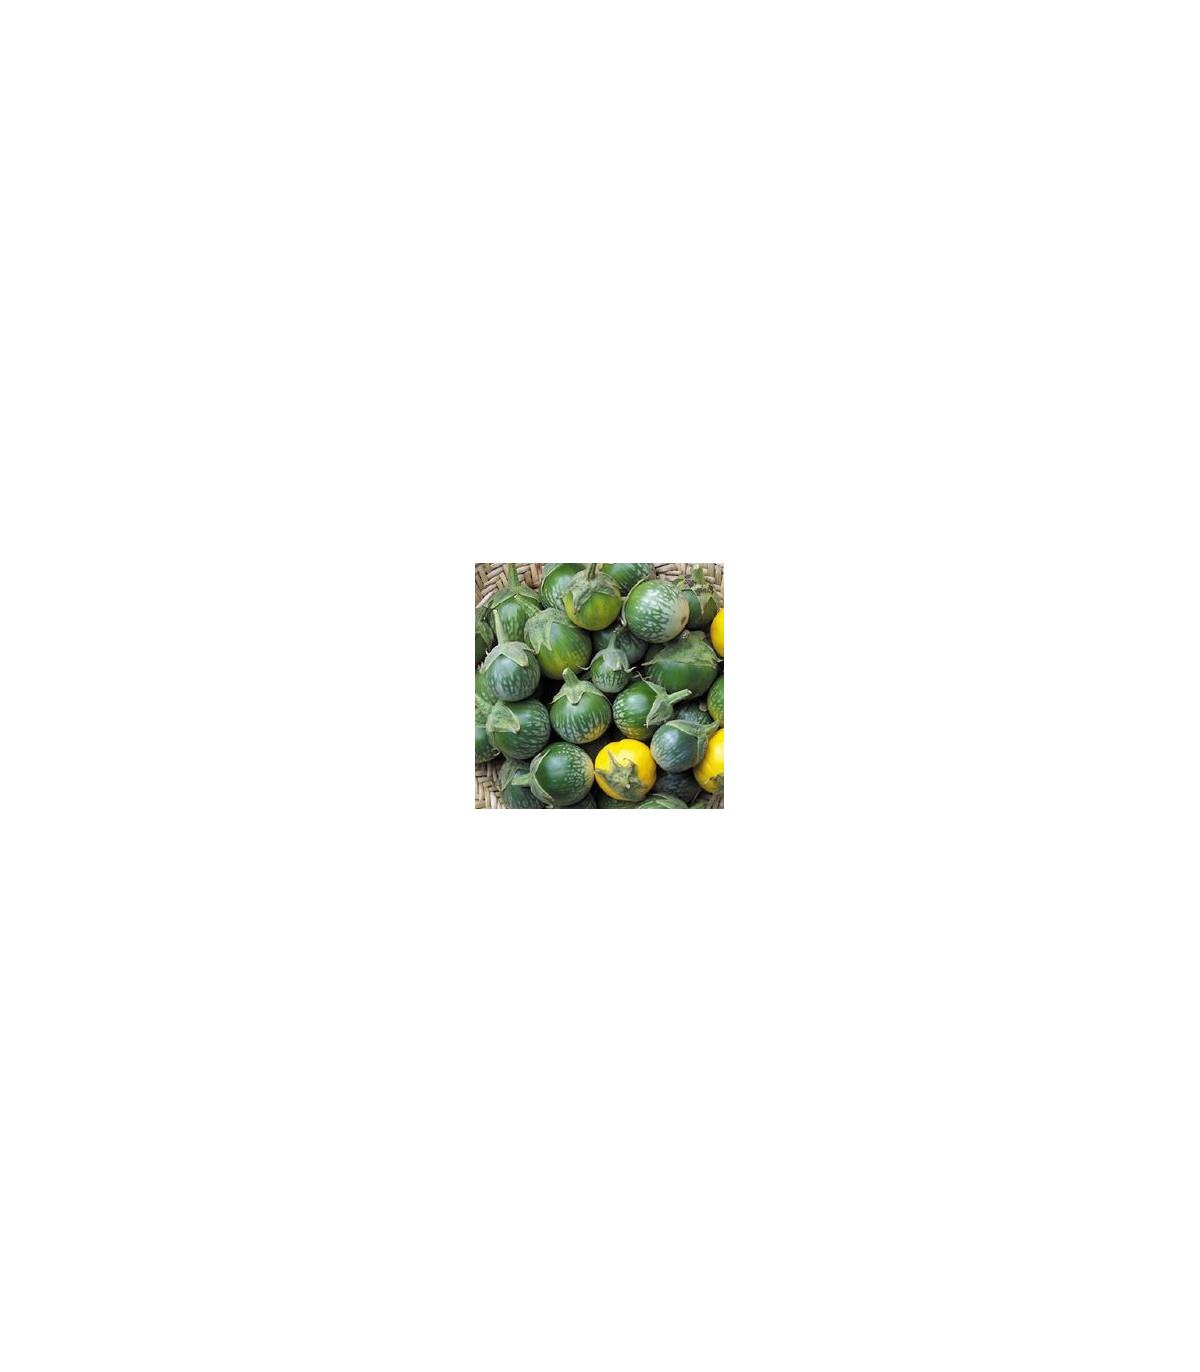 Lilek- Baklažán- Zelený tygr- semena- 6 ks